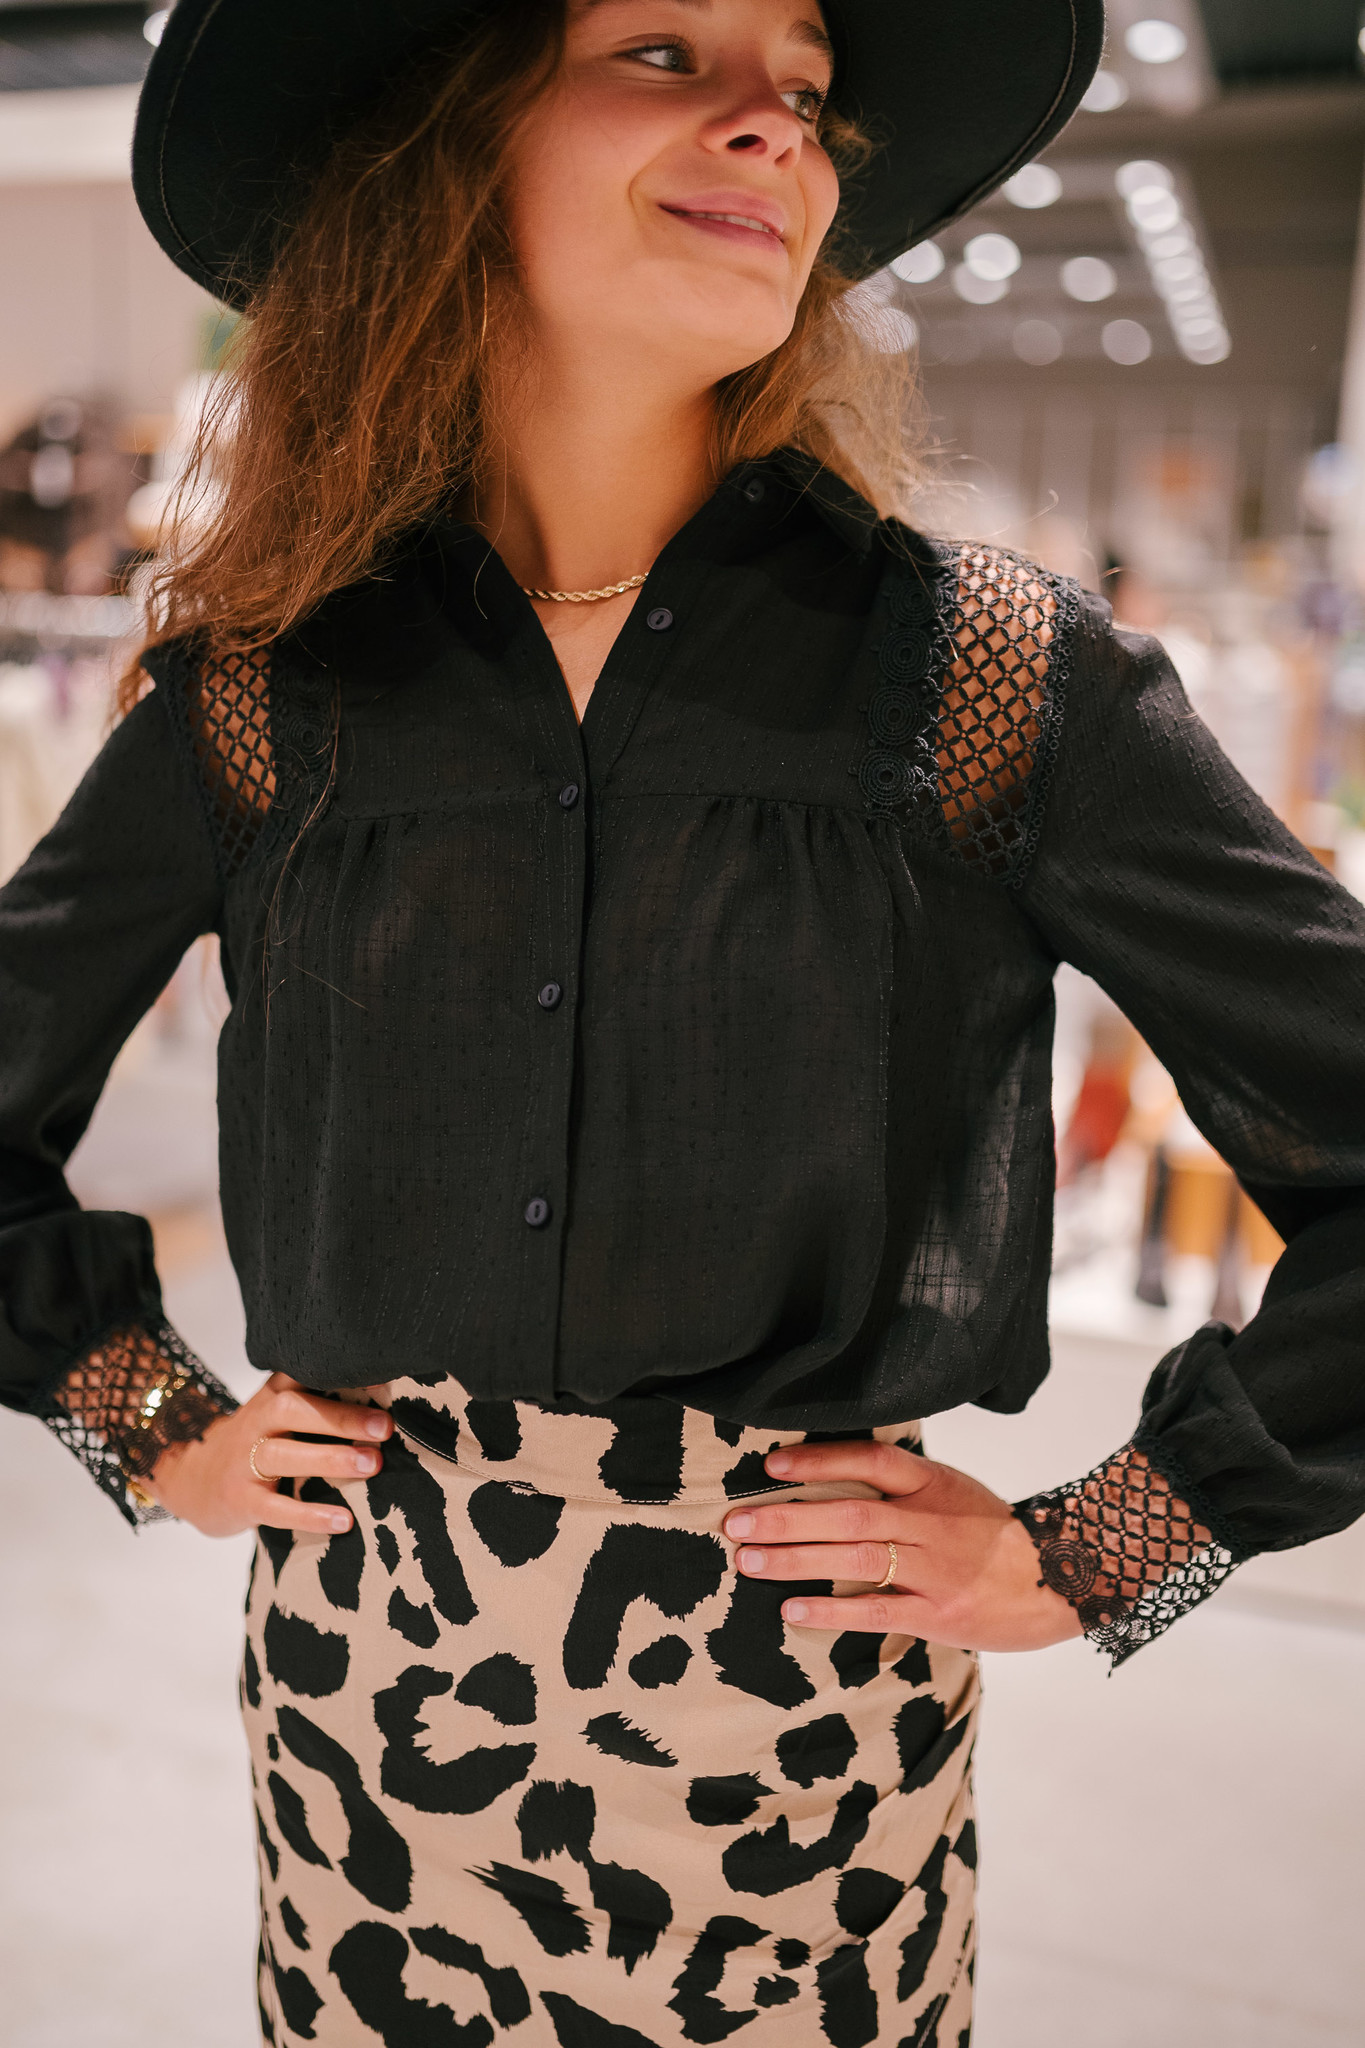 CITA chemise-1